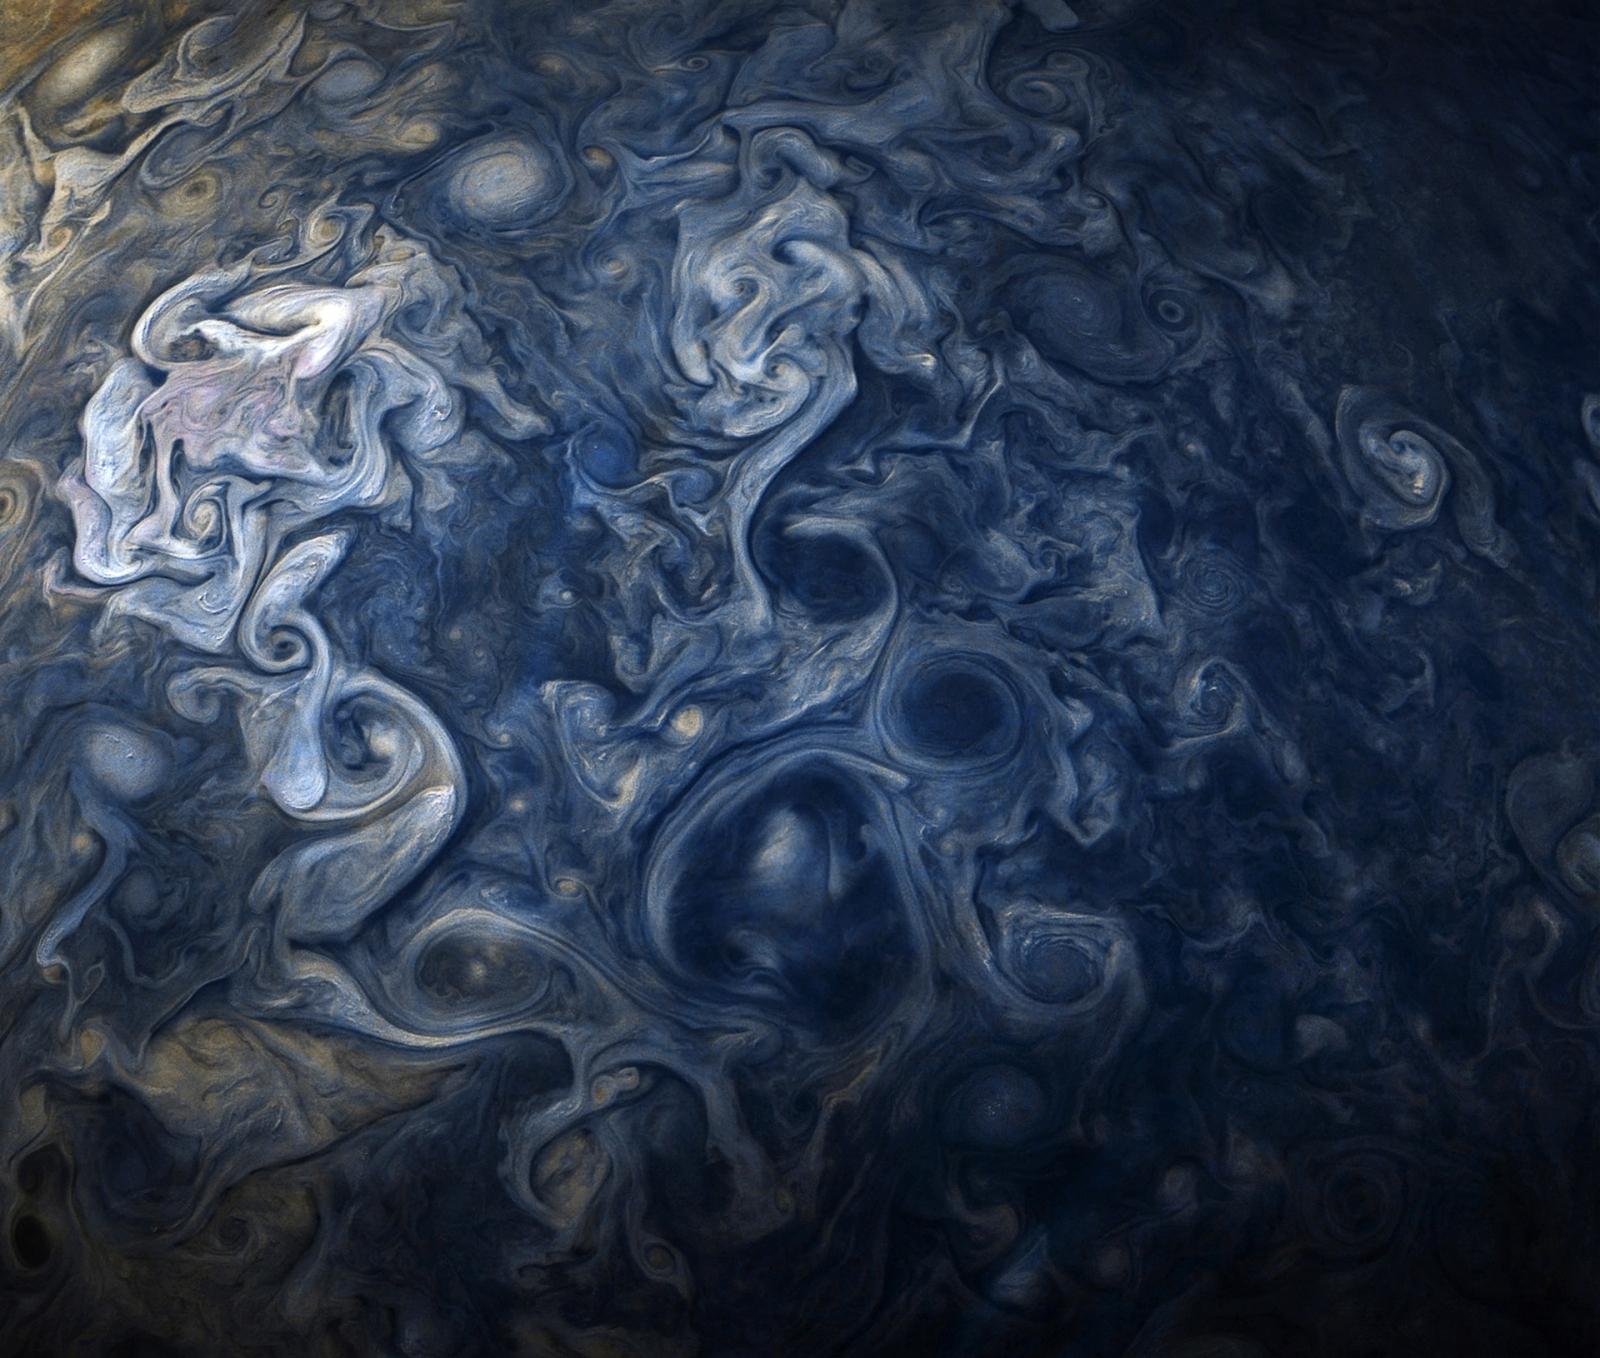 Nasa shares jaw-dropping image of Jupiter